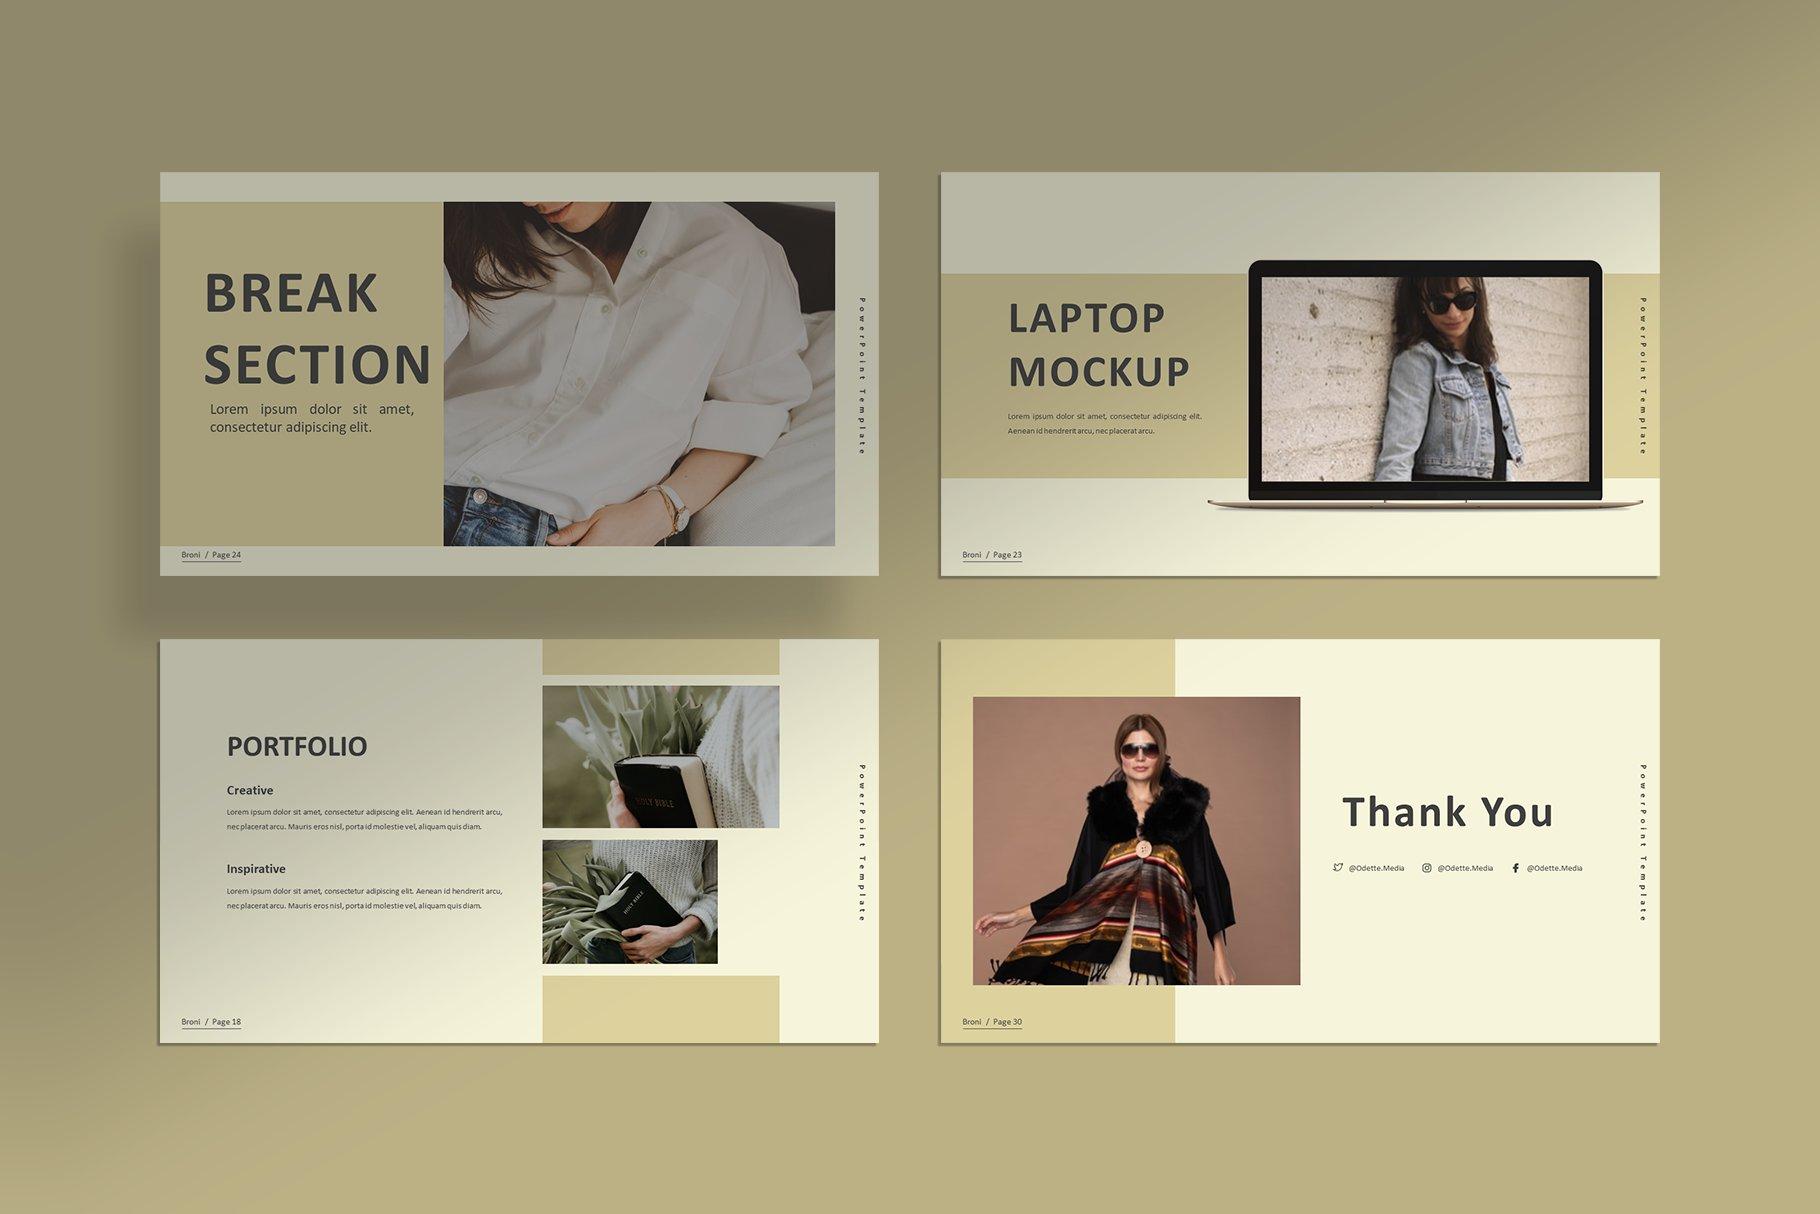 简洁服装摄影作品集图文排版设计PPT幻灯片模板 Broni – Minimalist Presentation插图(4)